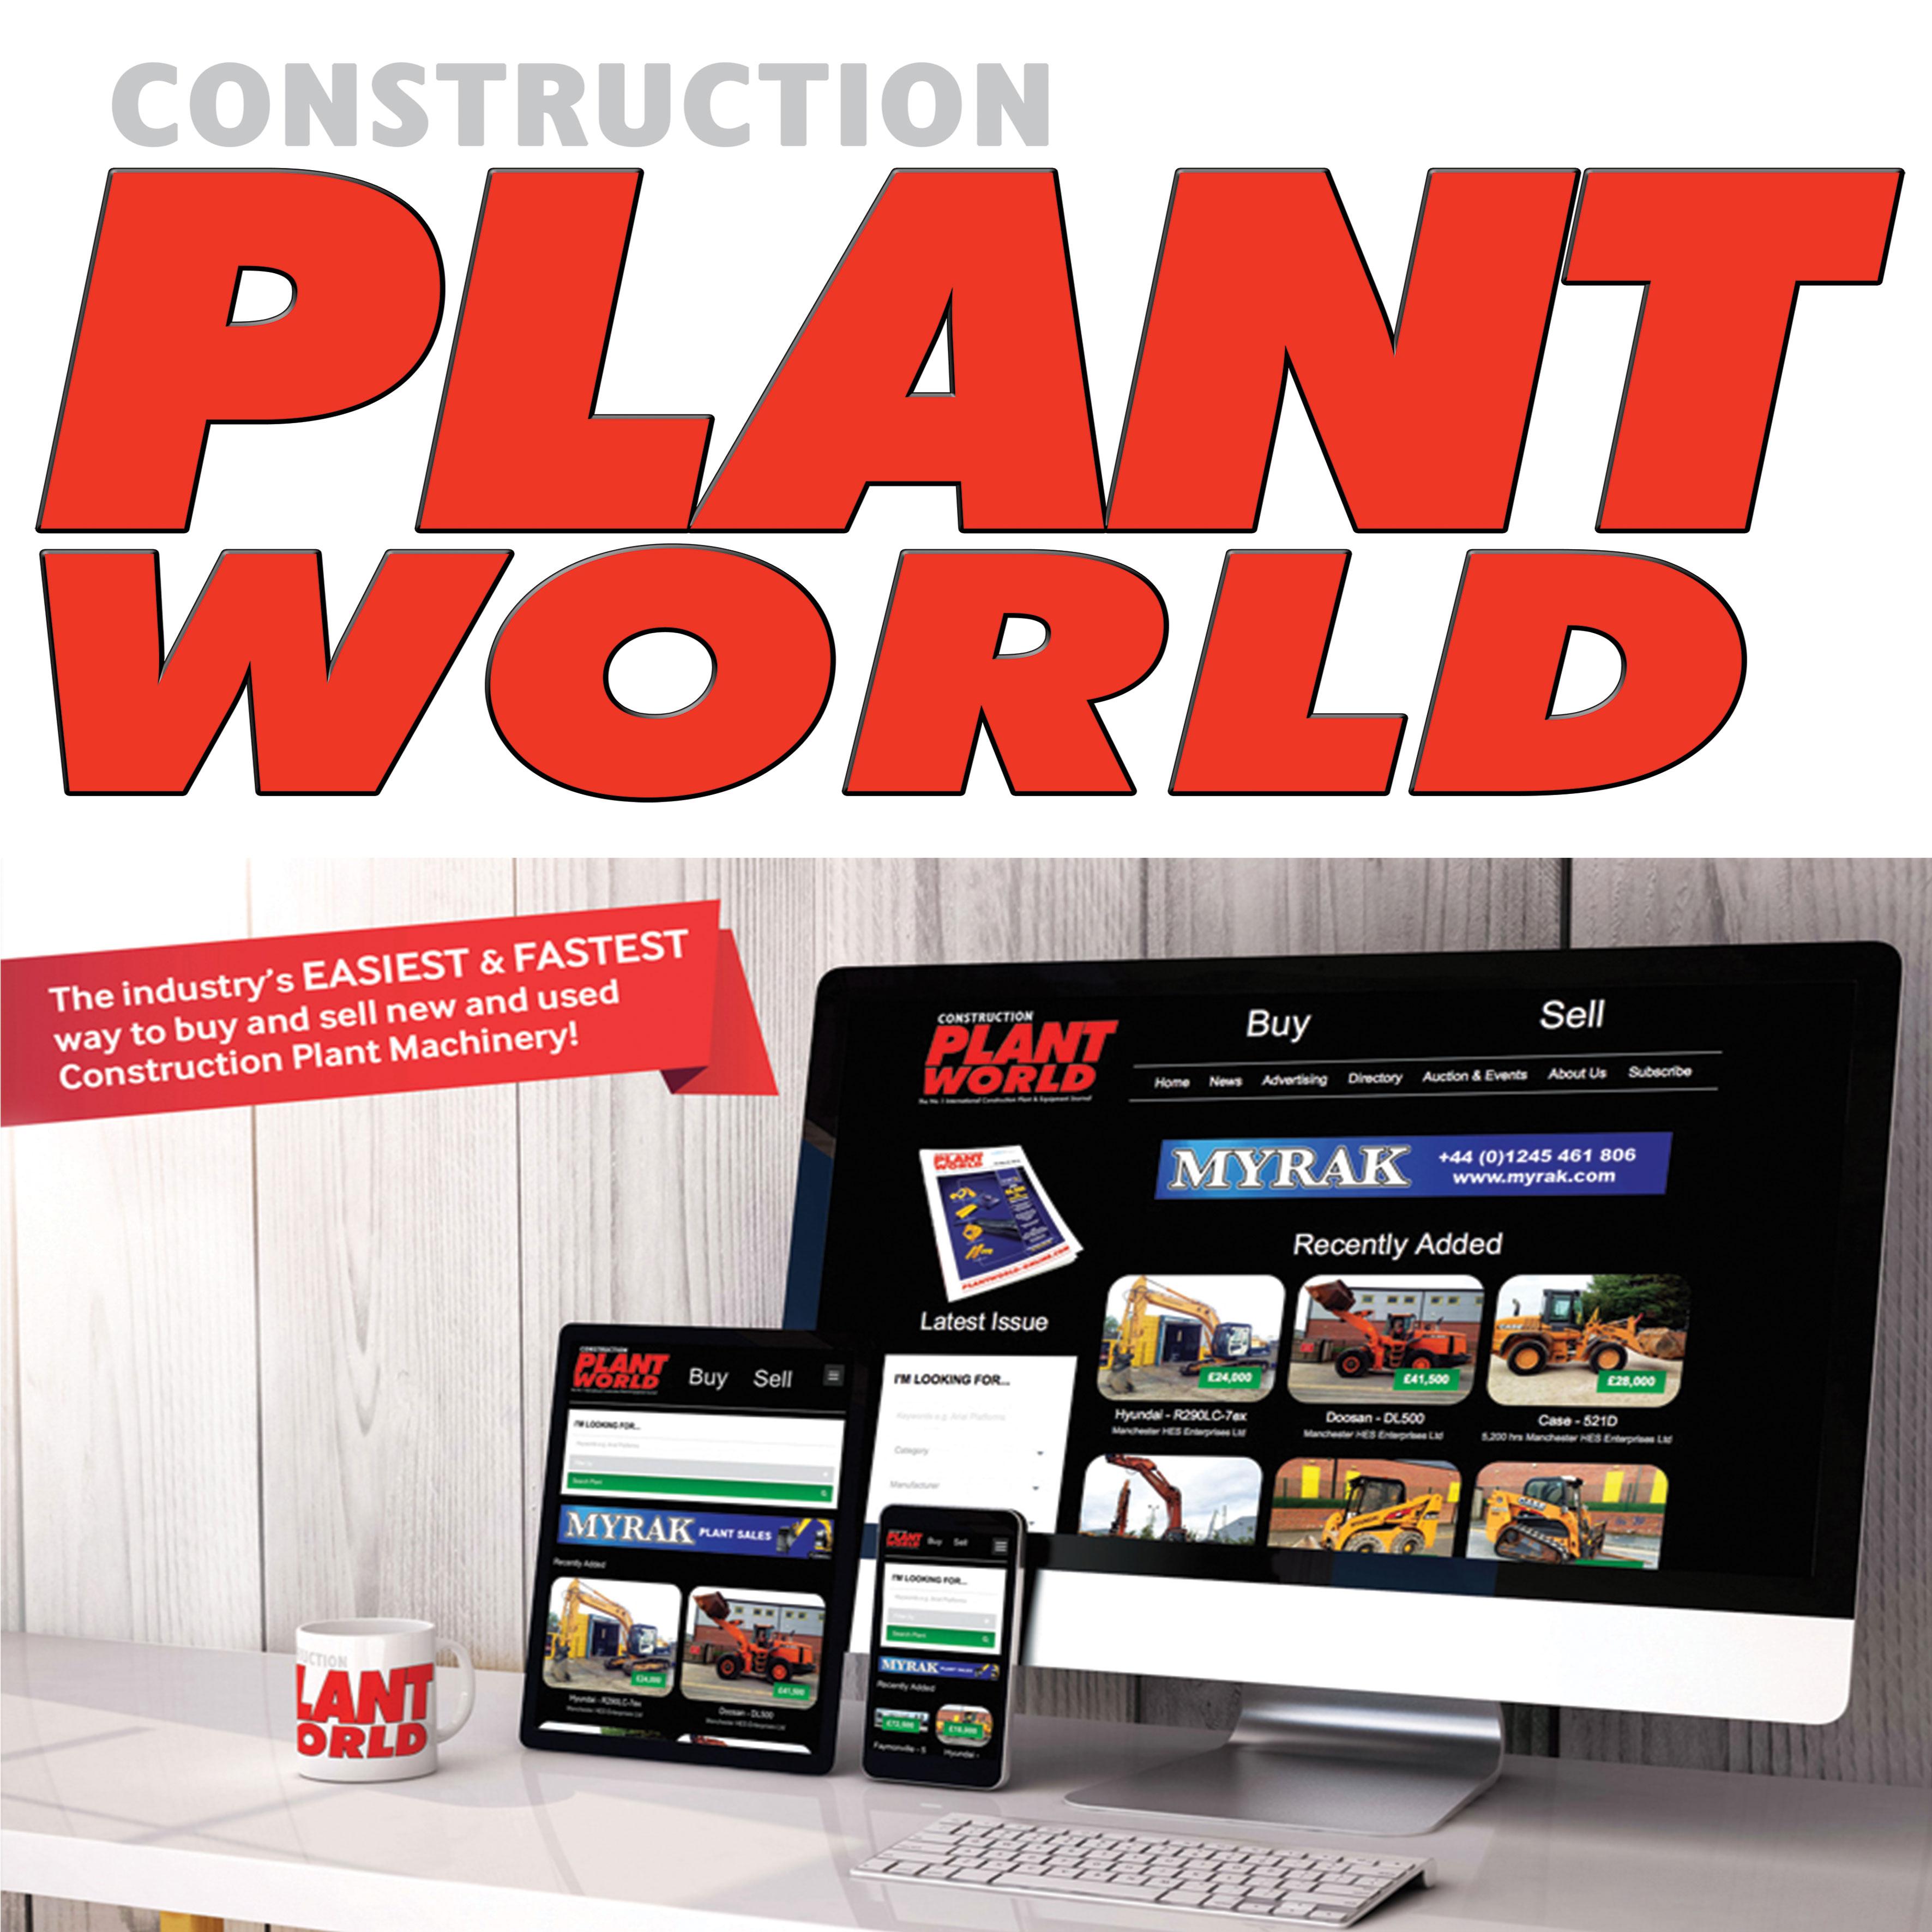 ConstructionPlantWorld 2016